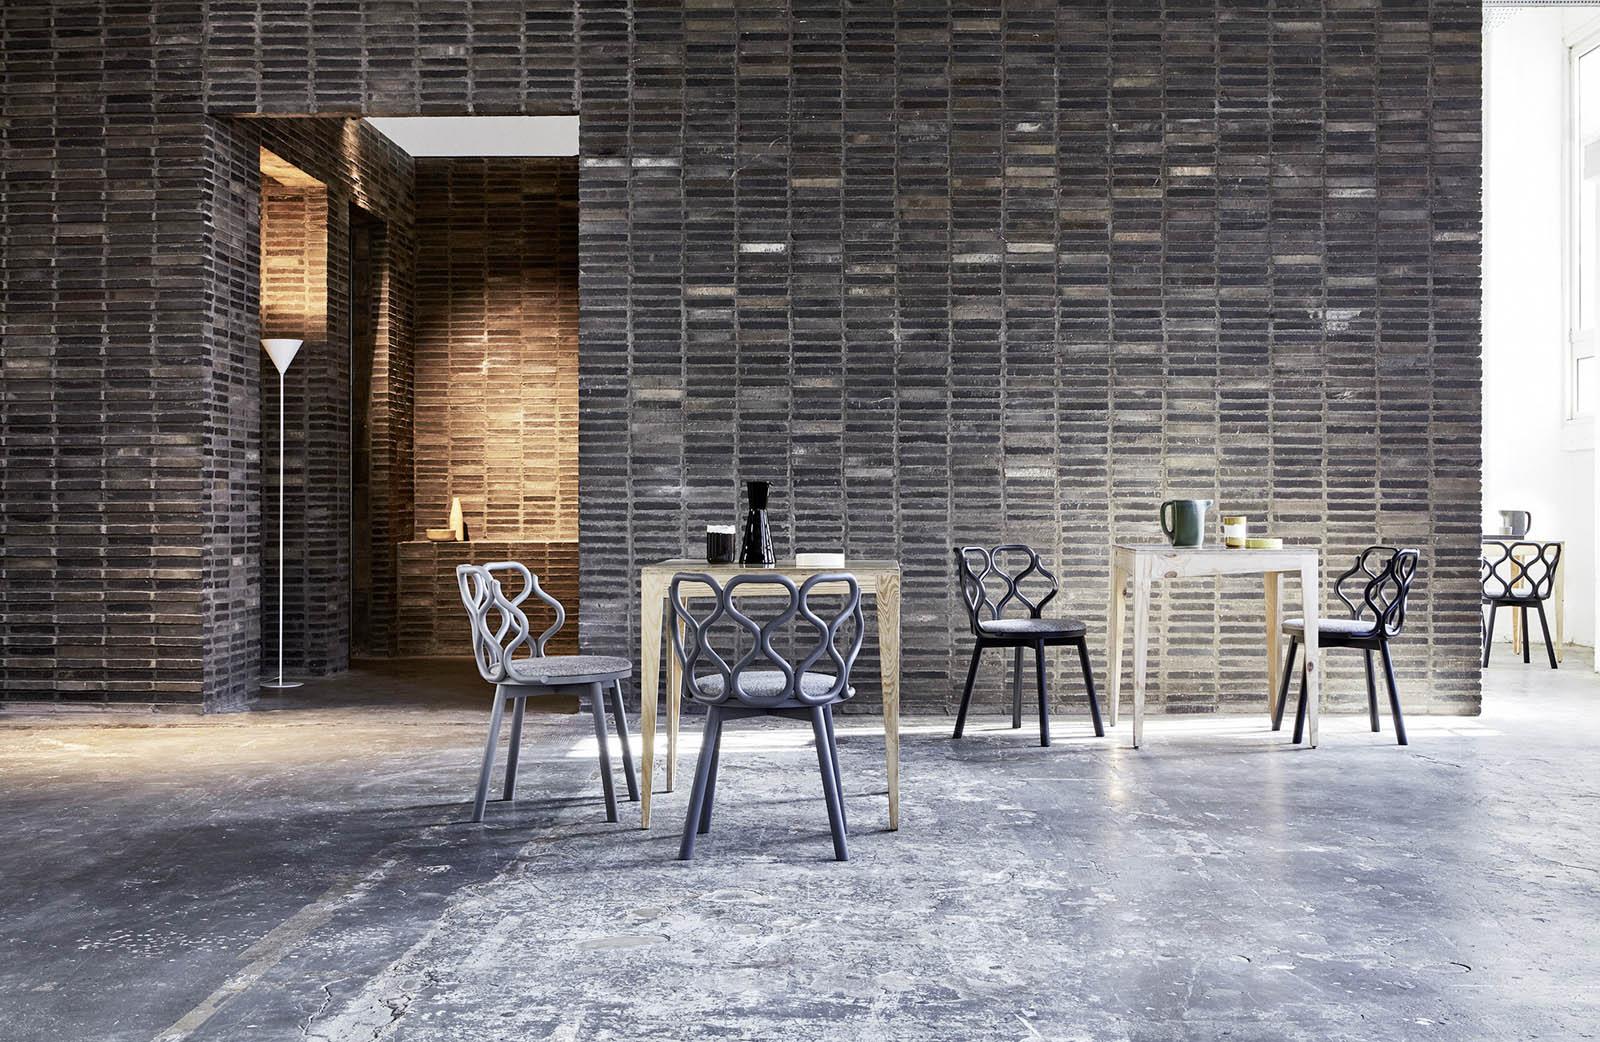 Makers Wood Italian GerlaVery Italian Wood Makers Chair Chair GerlaVery N8kX0wnOP